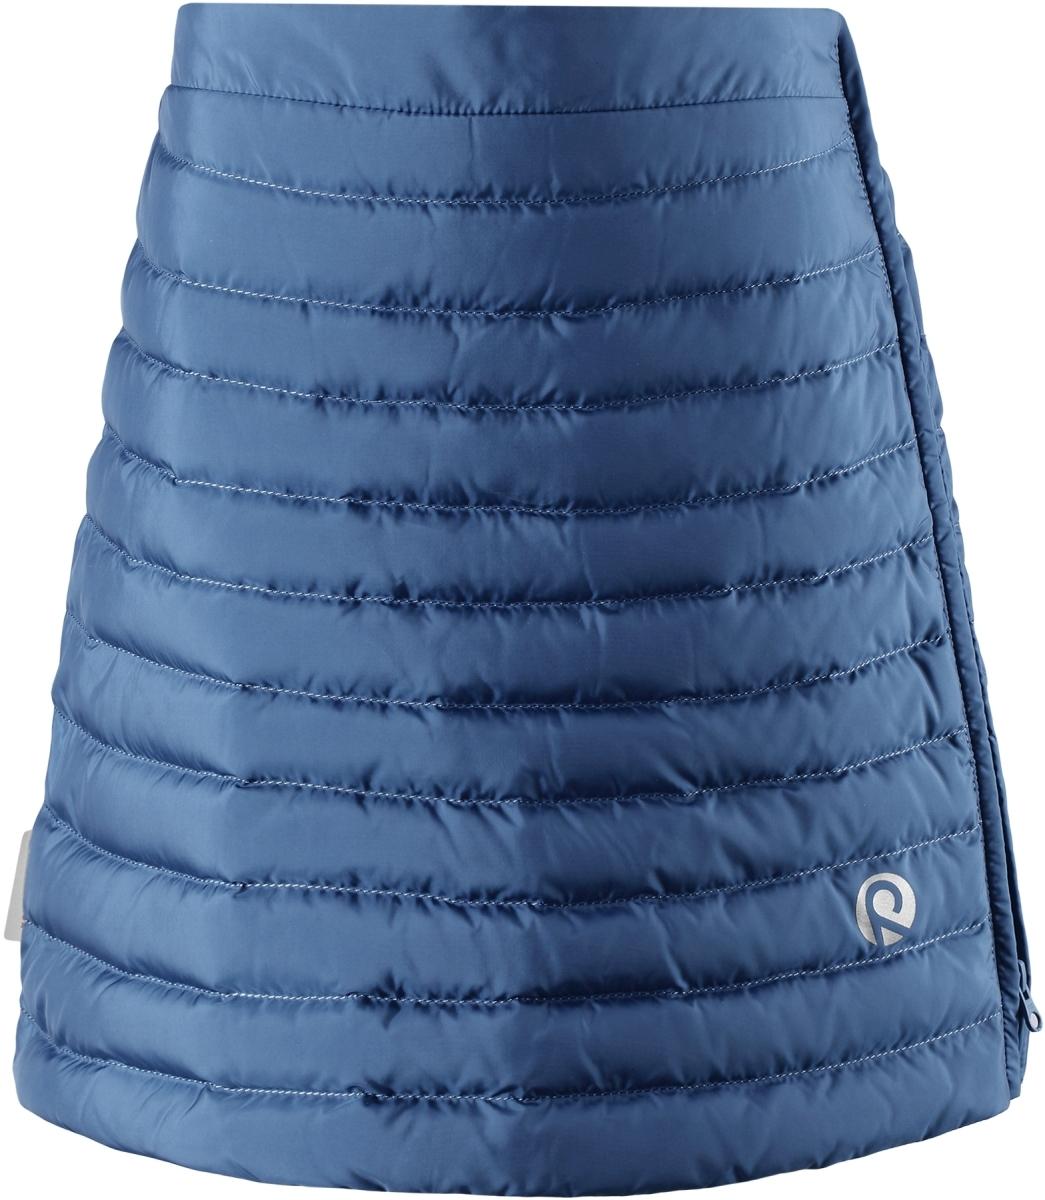 14845dca9da Dívčí zimní sukně Reima Floora - denim blue - Skibi Kids